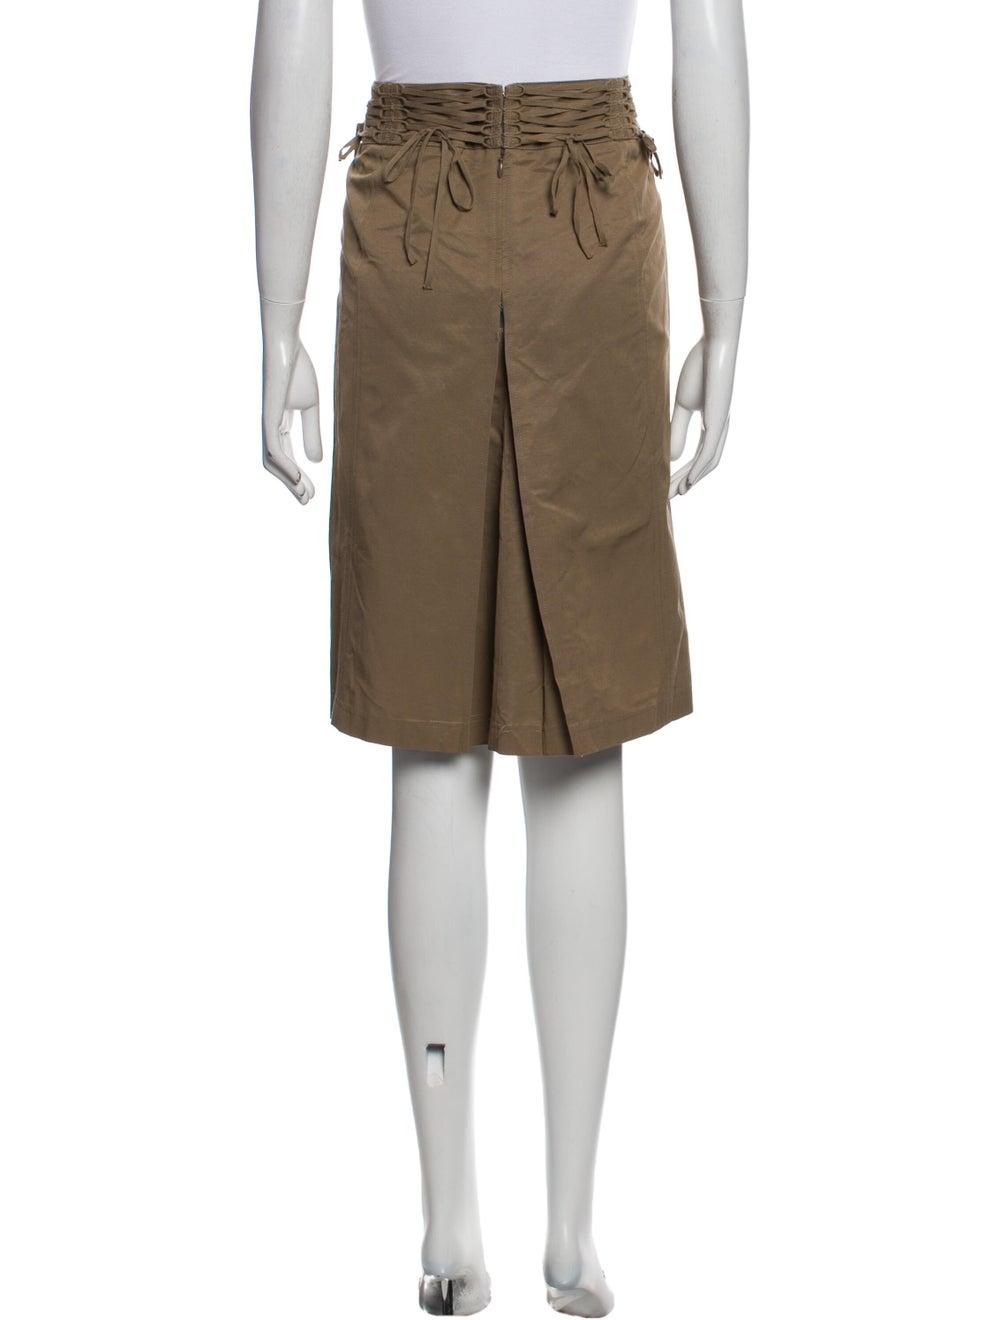 Plein Sud Knee-Length Skirt - image 3